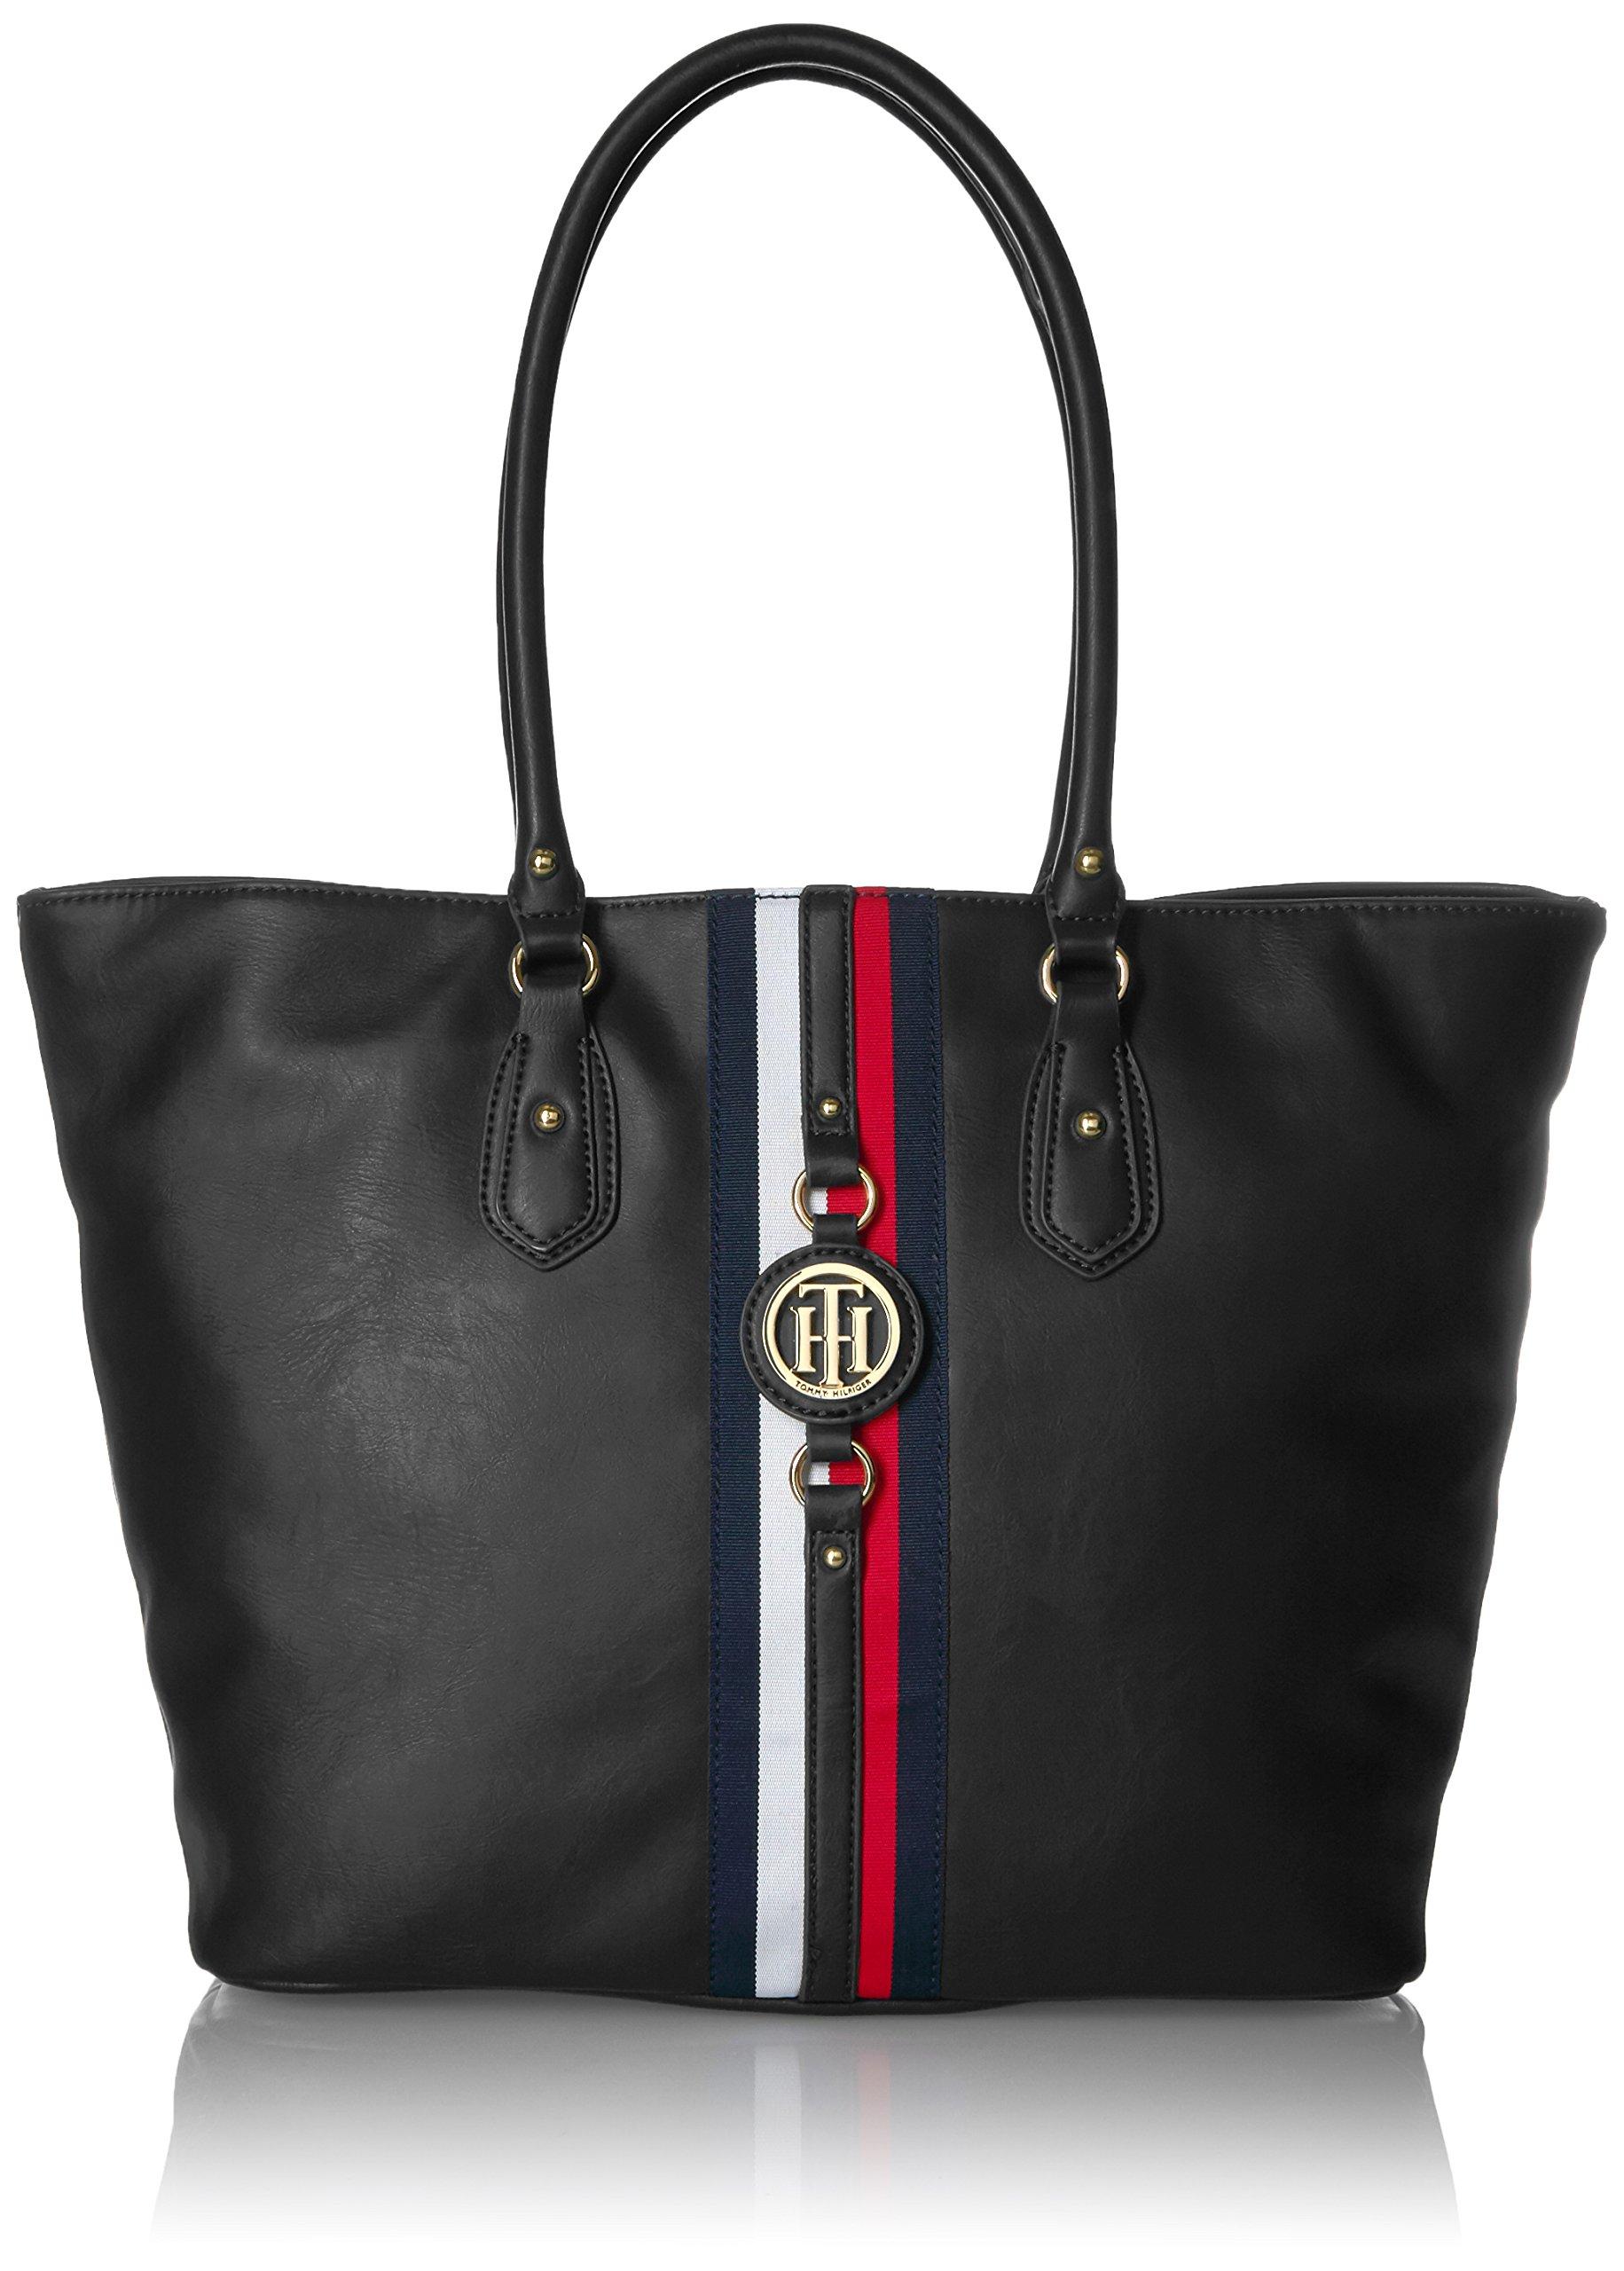 Tommy Hilfiger Tote Bag for Women Jaden, Black Polyvinyl Chloride